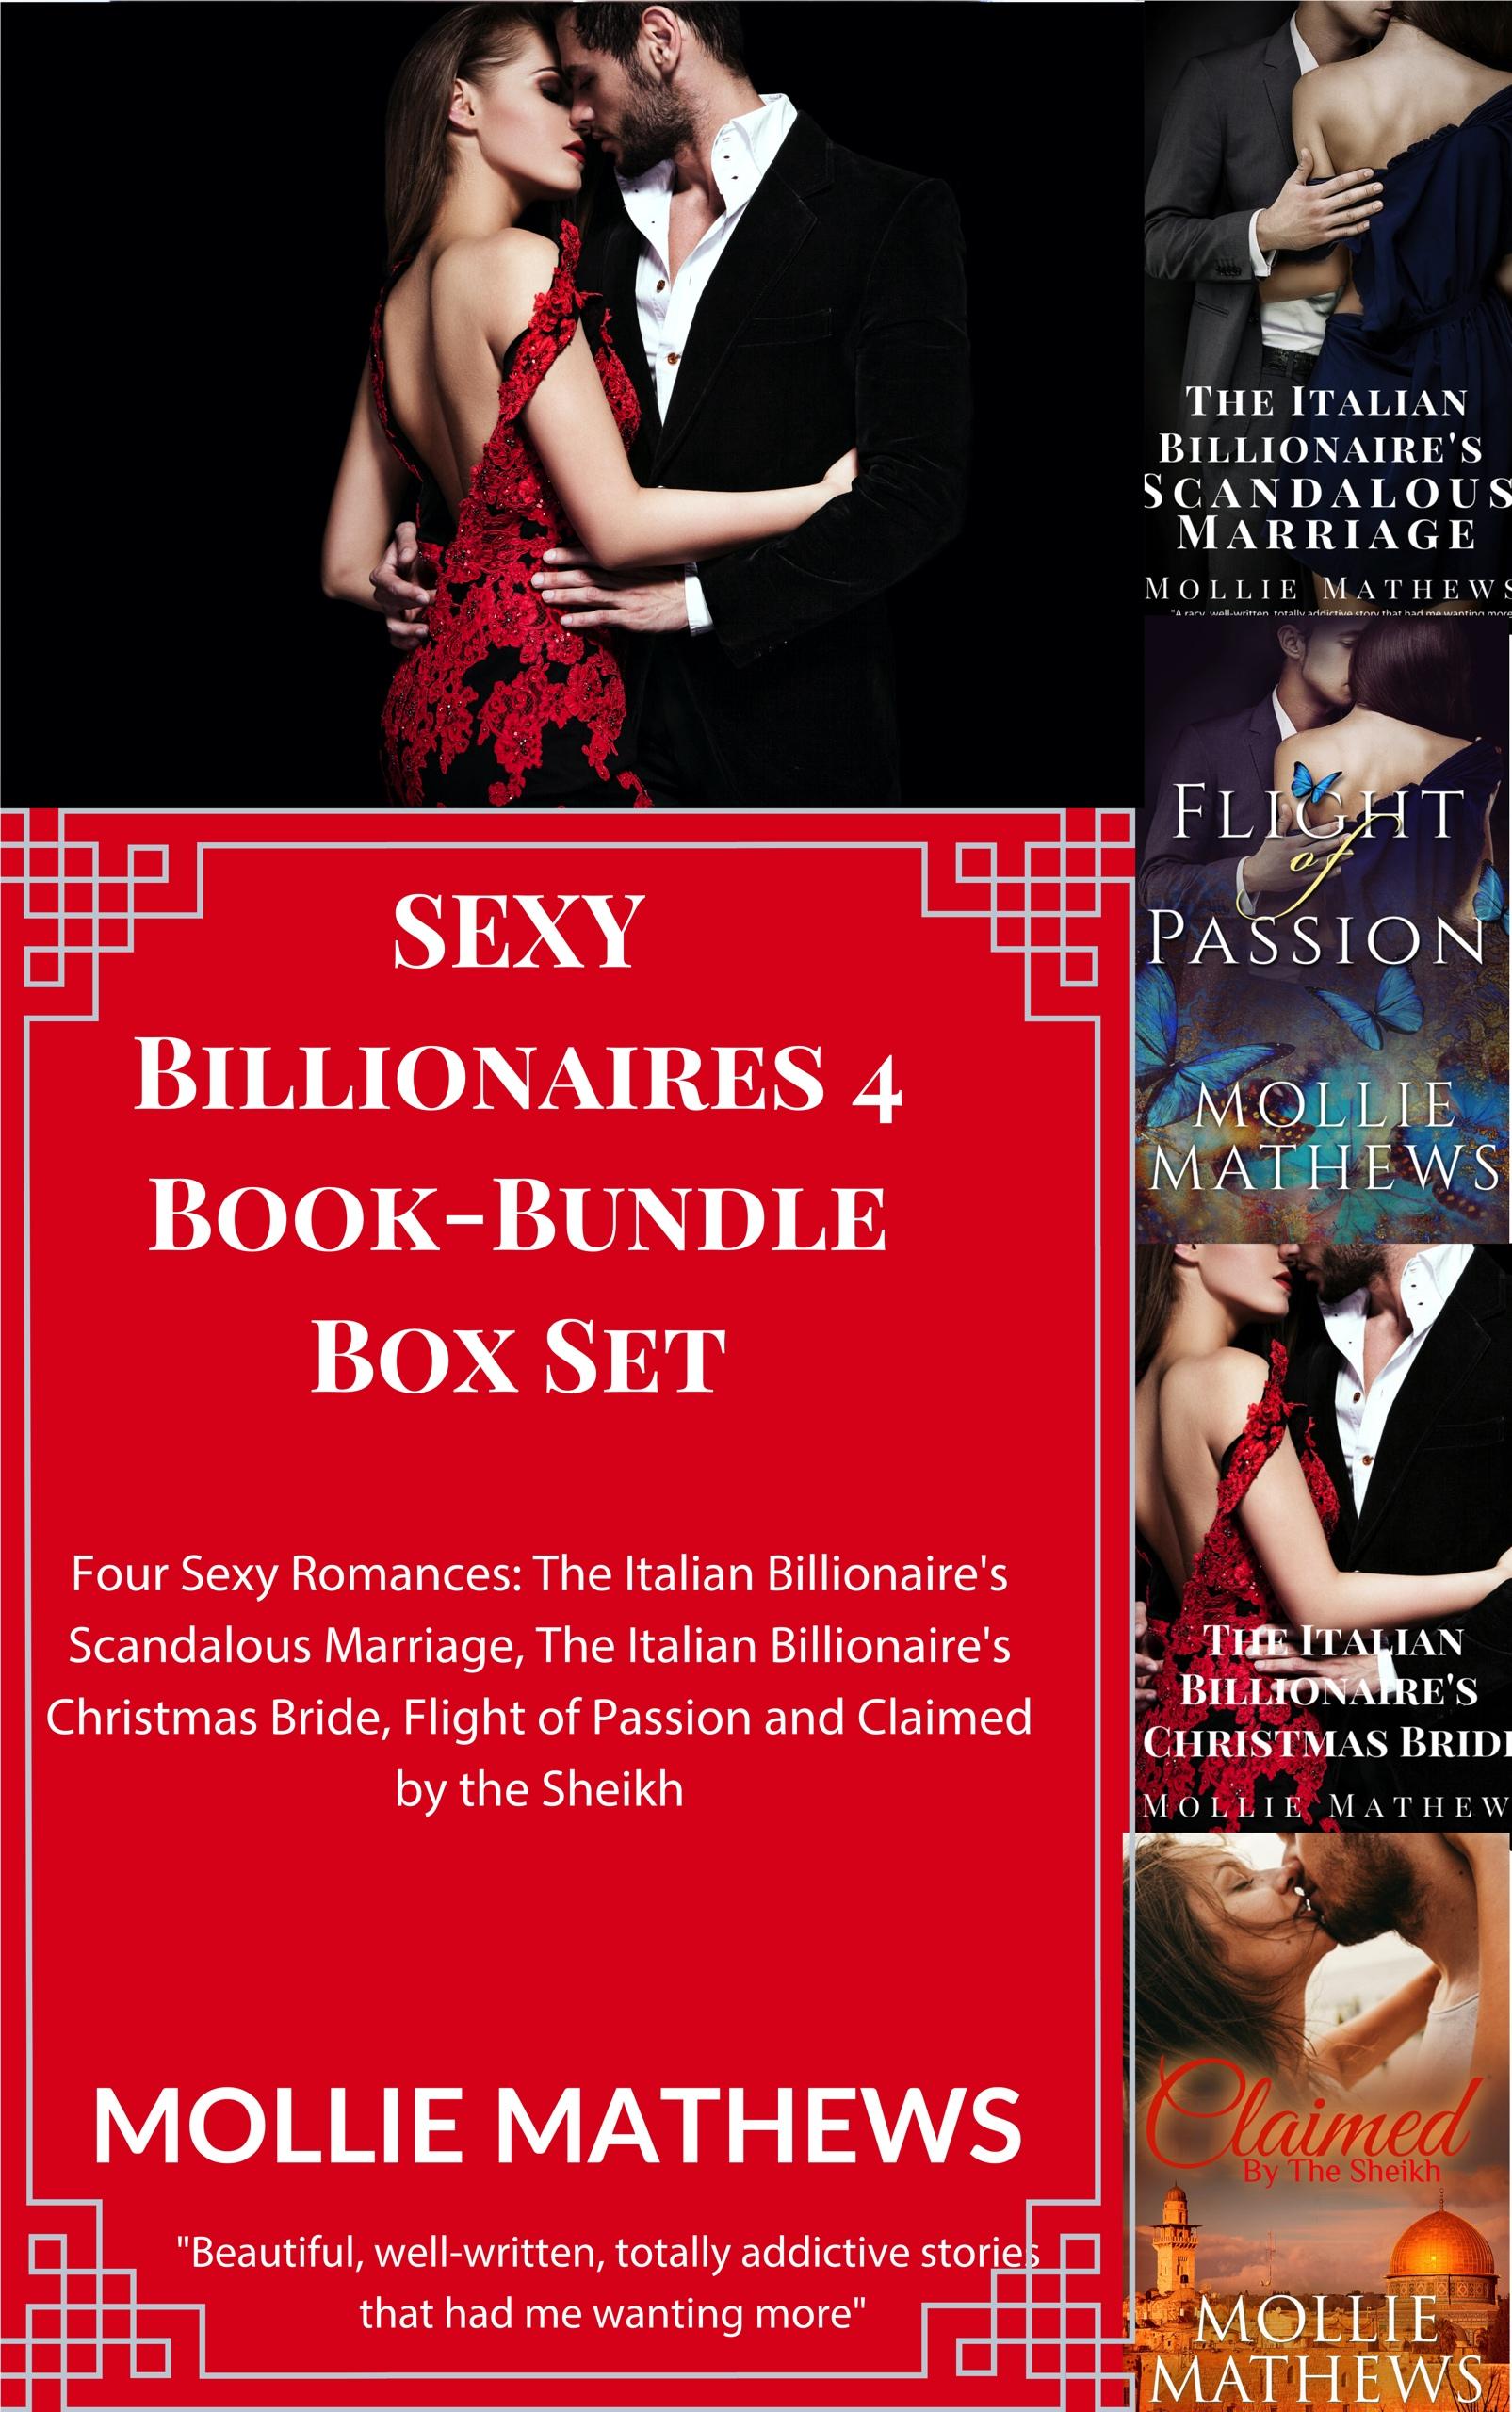 Sexy-Billionaires-4-Book-Bundle-Box-Set-Four-Sexy-Romances-The-Italian-Billionaires-Kindle